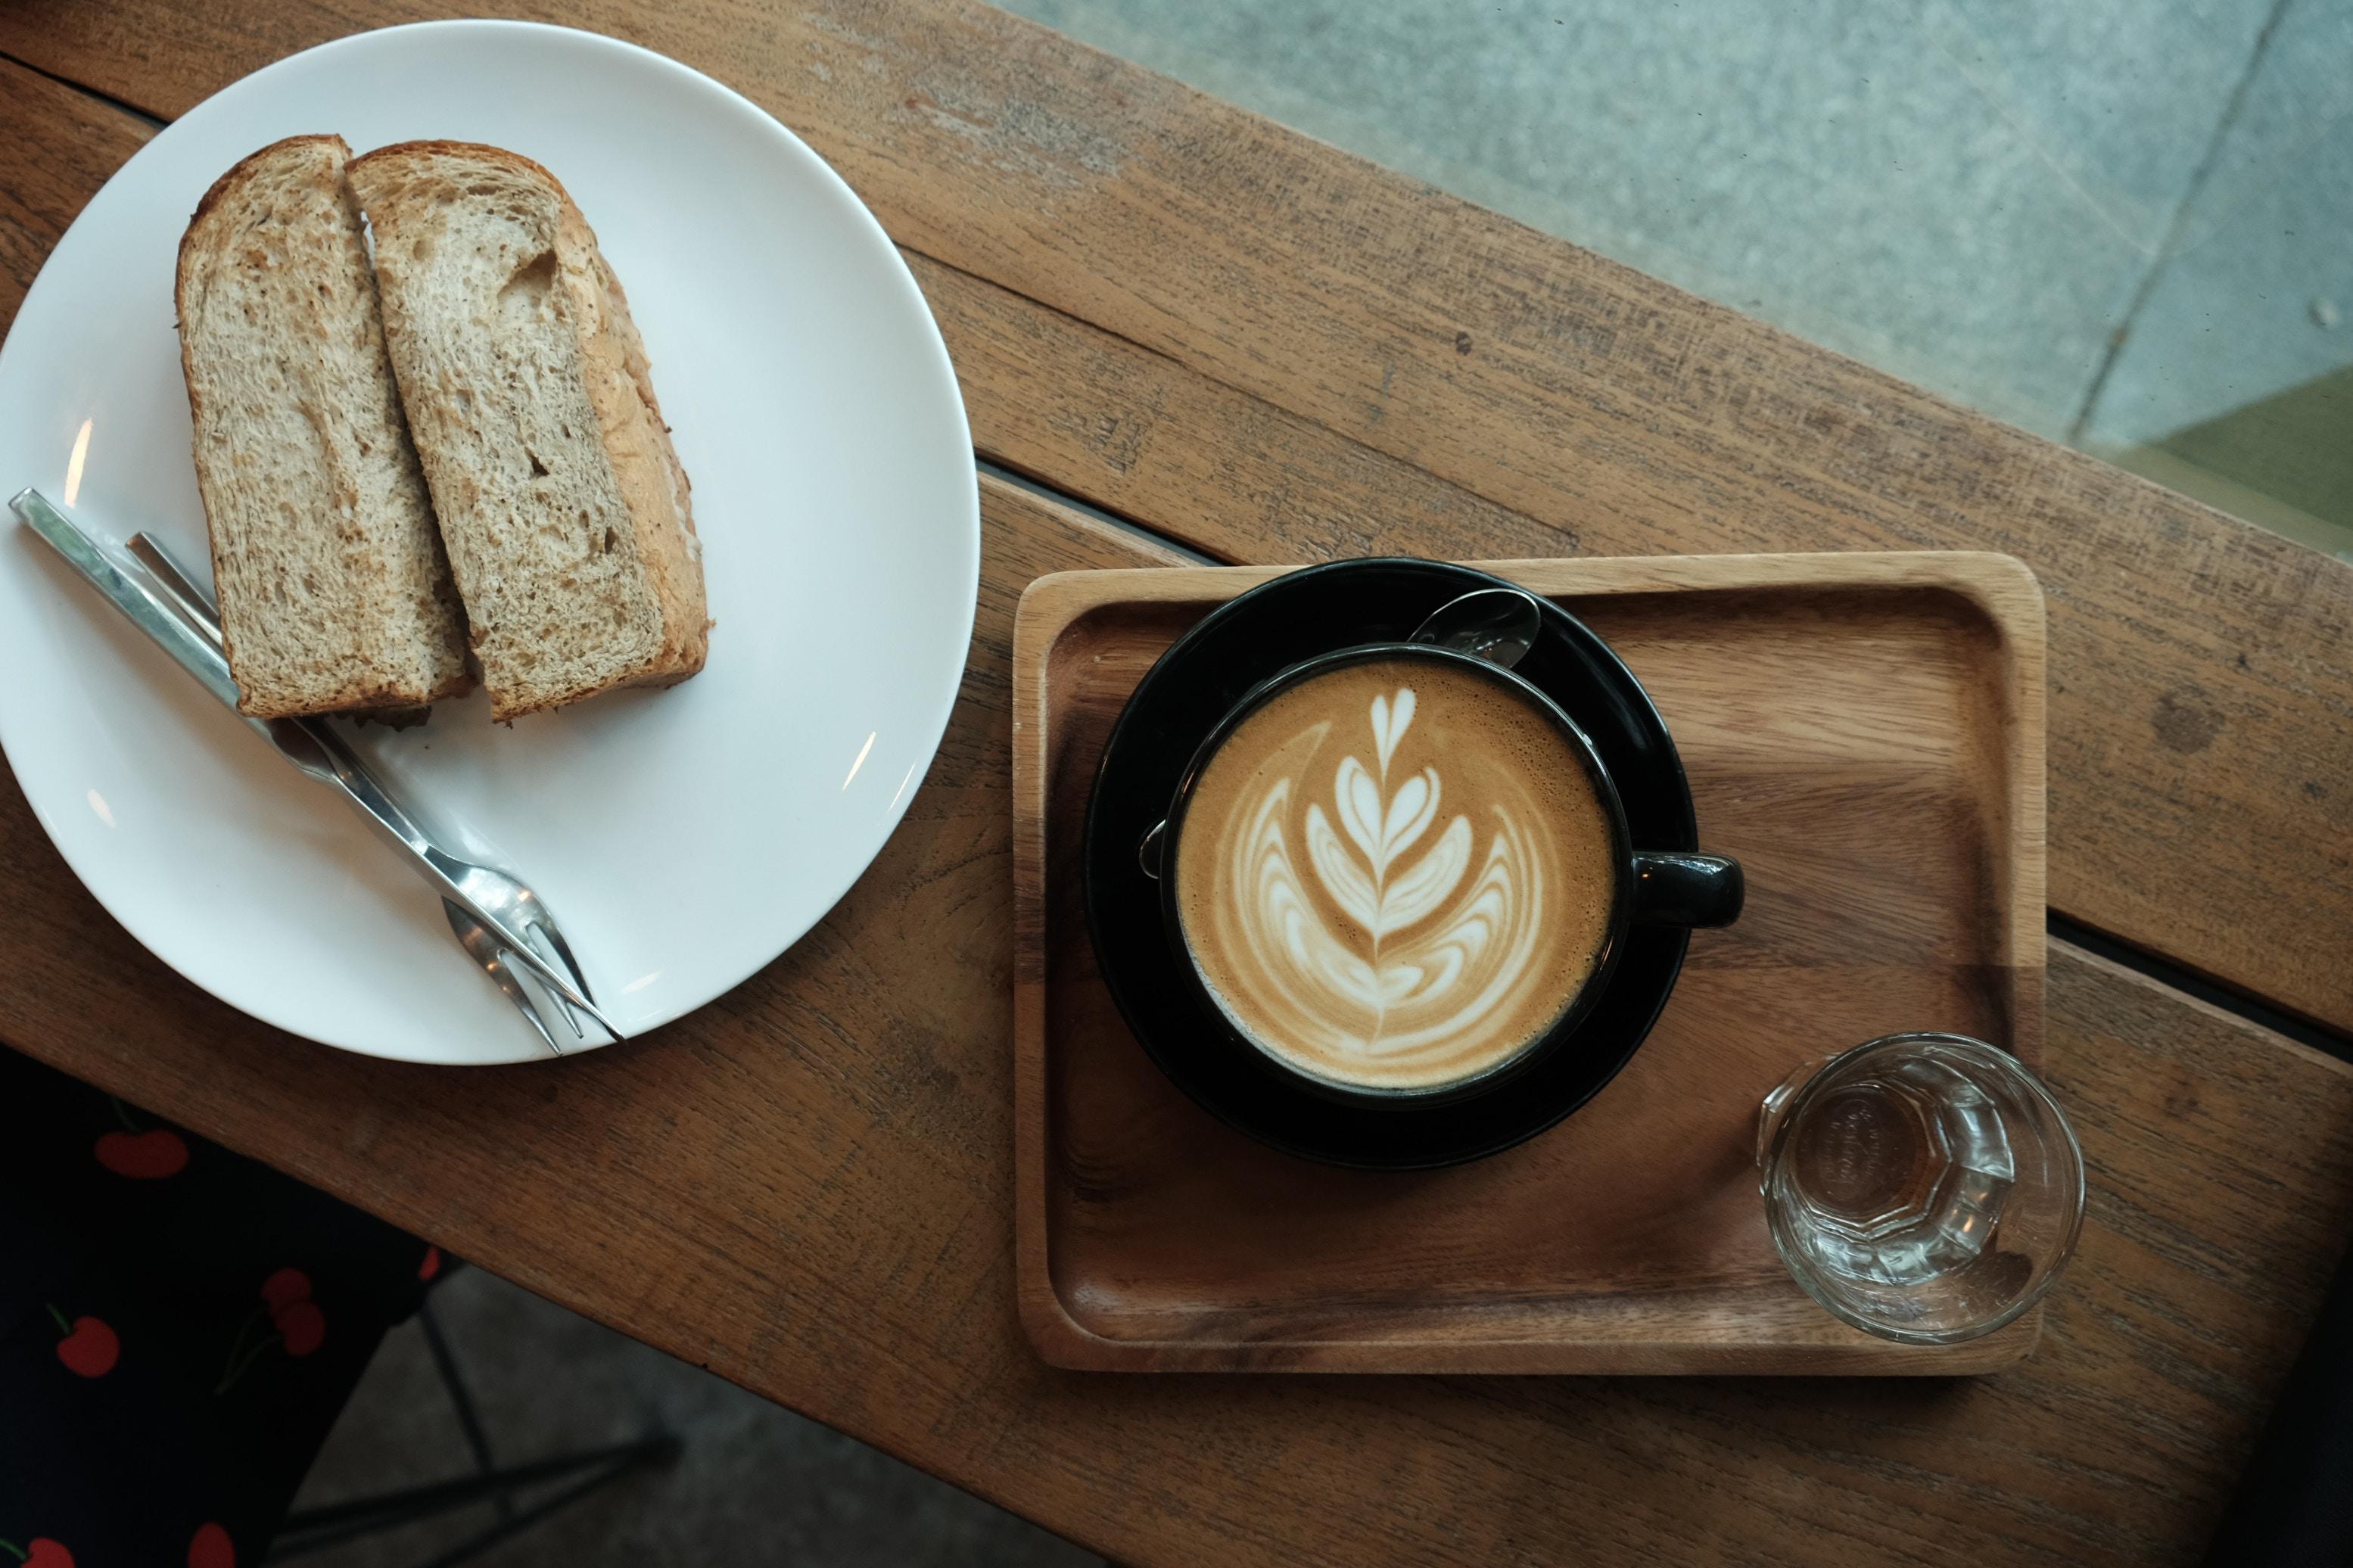 2019/3/20より『The TASTE of COFFEE(ザ・テイスト・オブ・コーヒー)』東武百貨店 池袋本店にて開催